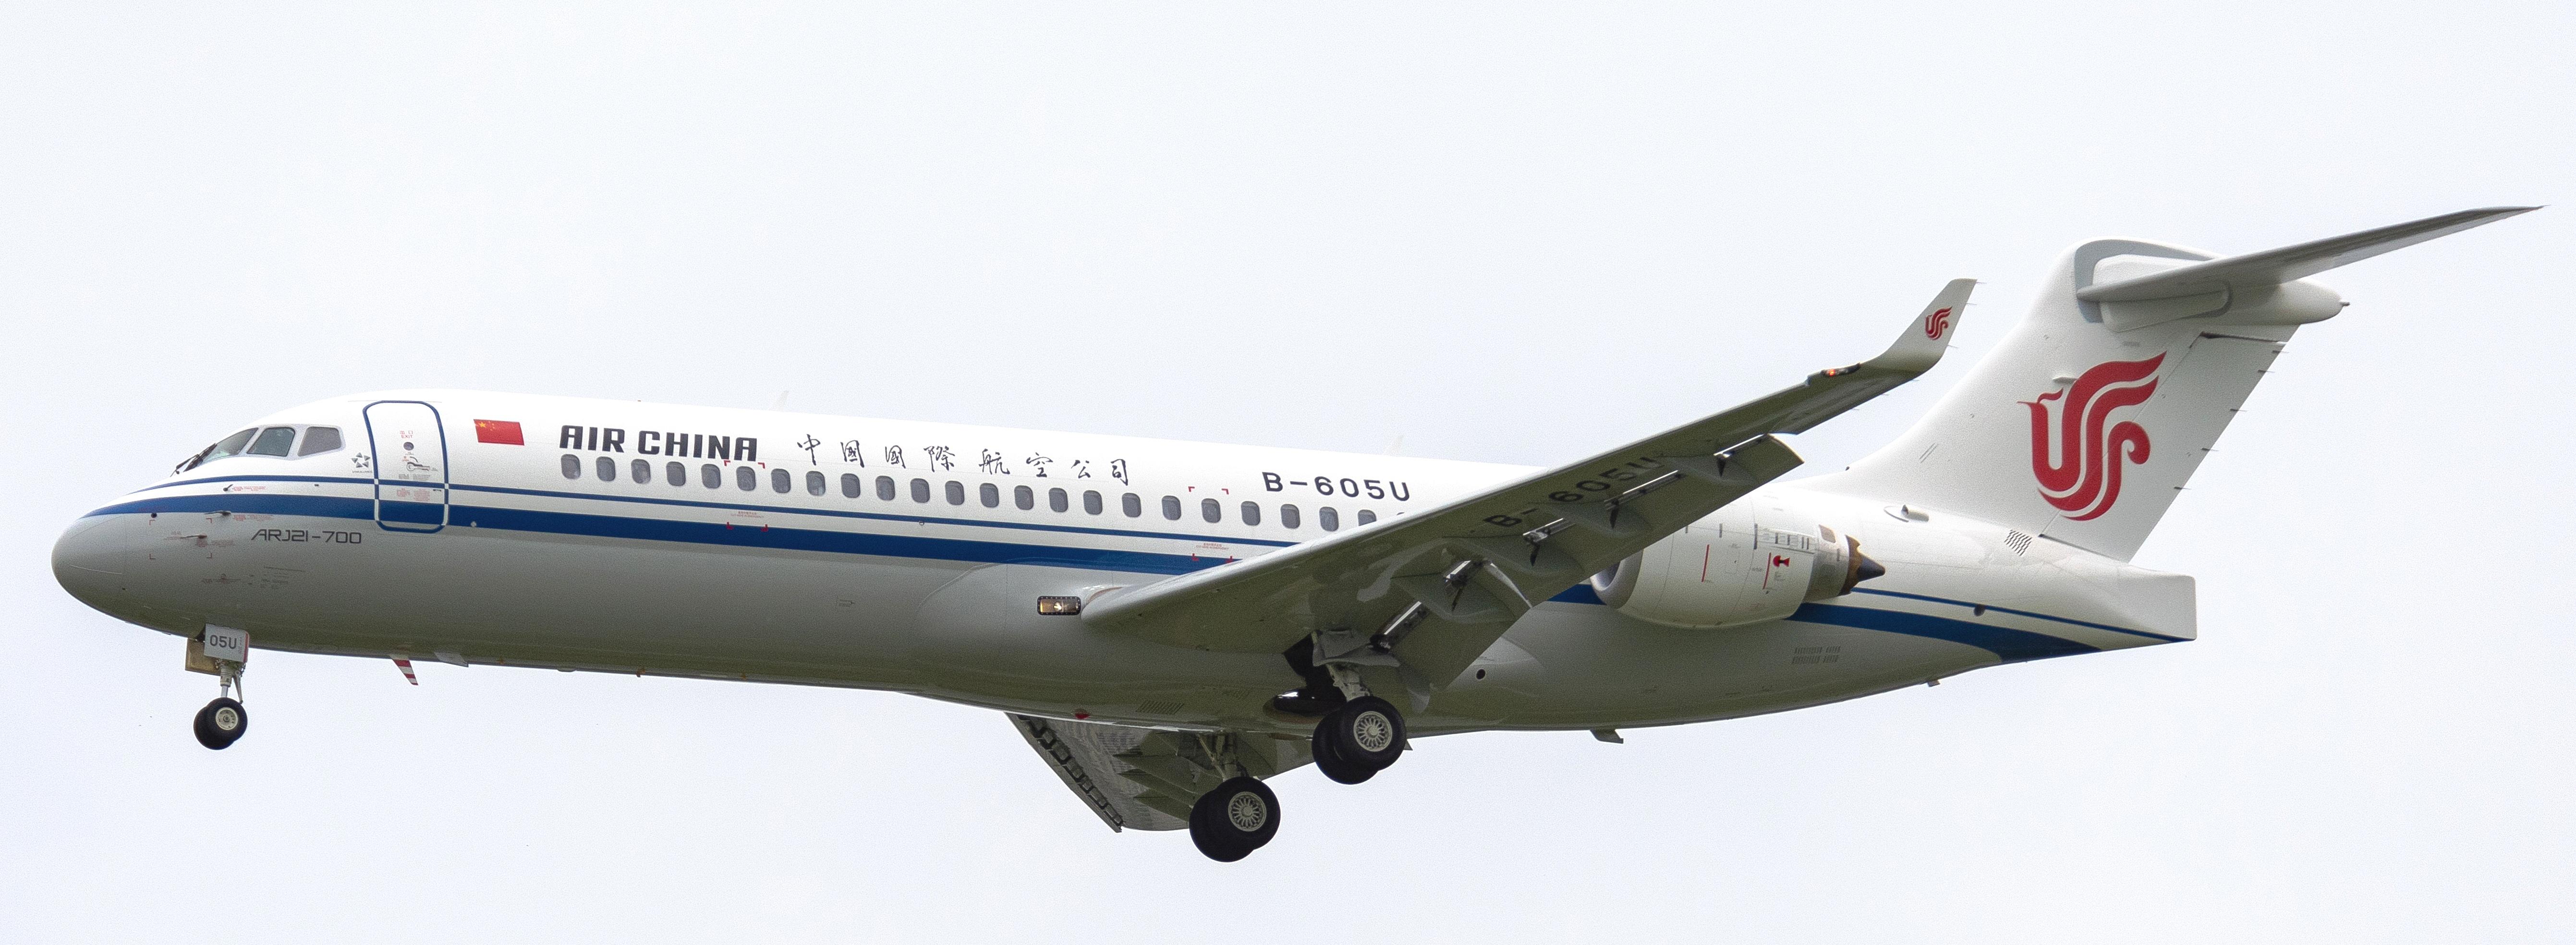 【起飞吧阿娇】CA088 B-605U